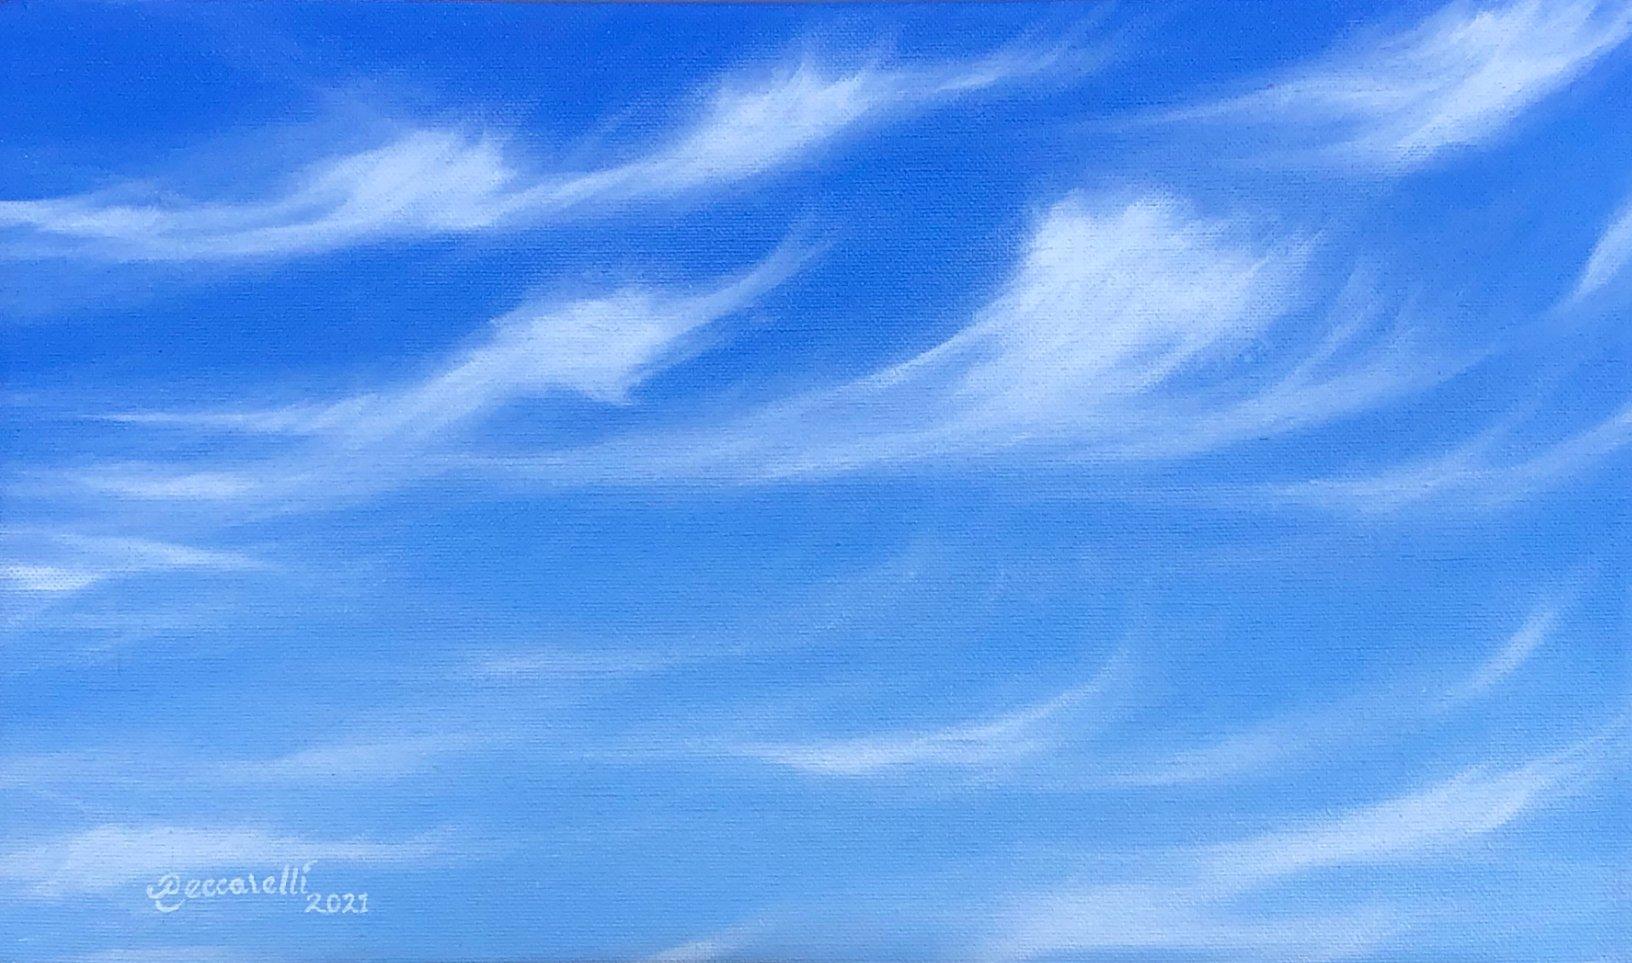 https://0201.nccdn.net/1_2/000/000/187/570/joans--clouds-1.jpg